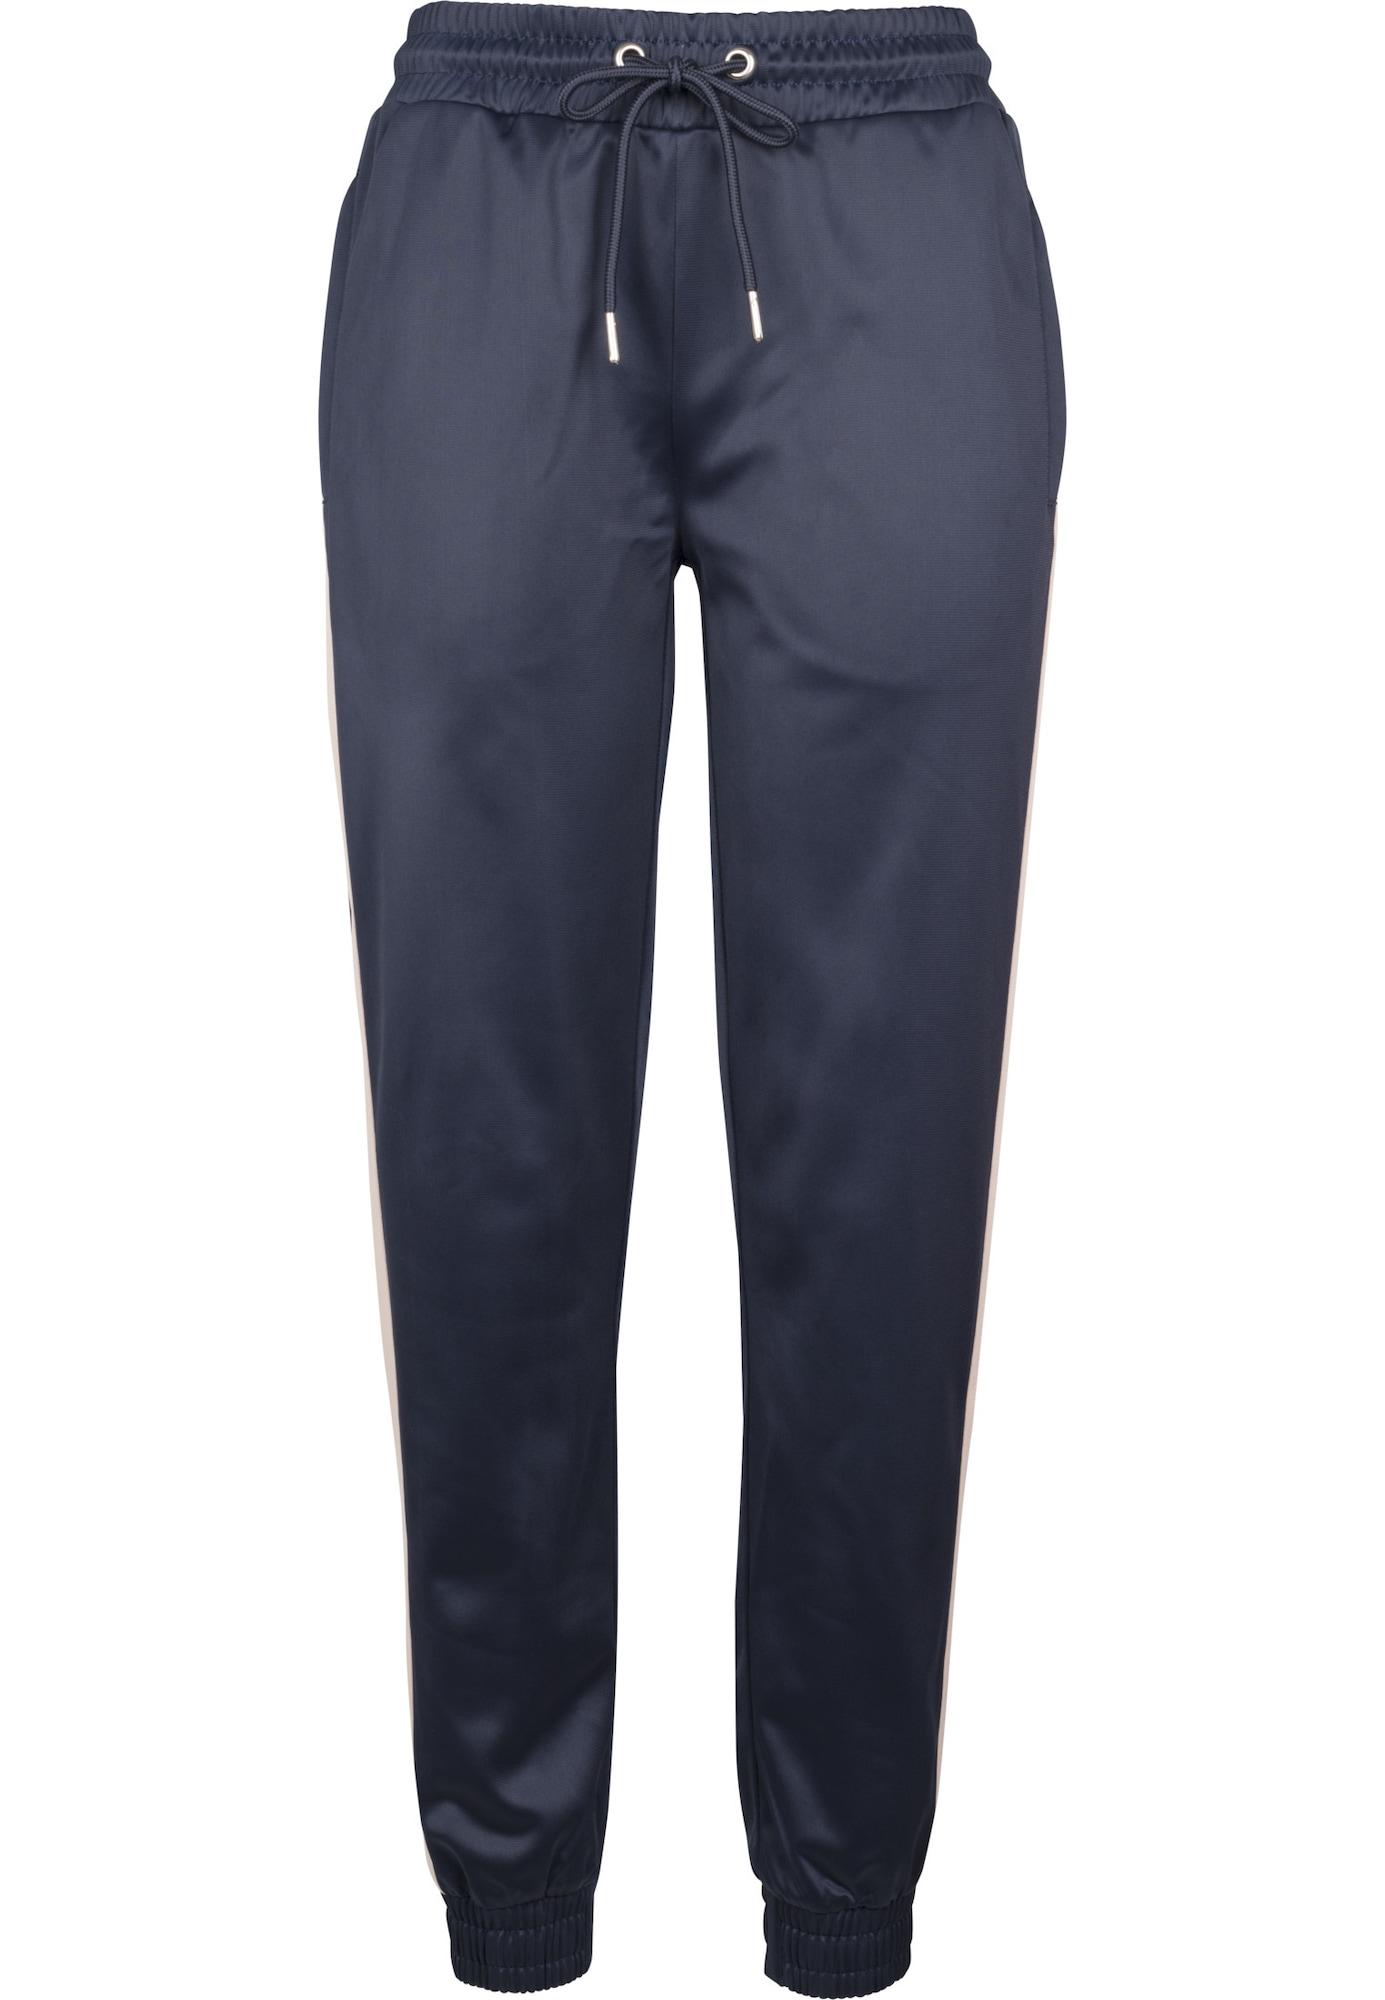 Kalhoty Cuff Track námořnická modř pudrová Urban Classics